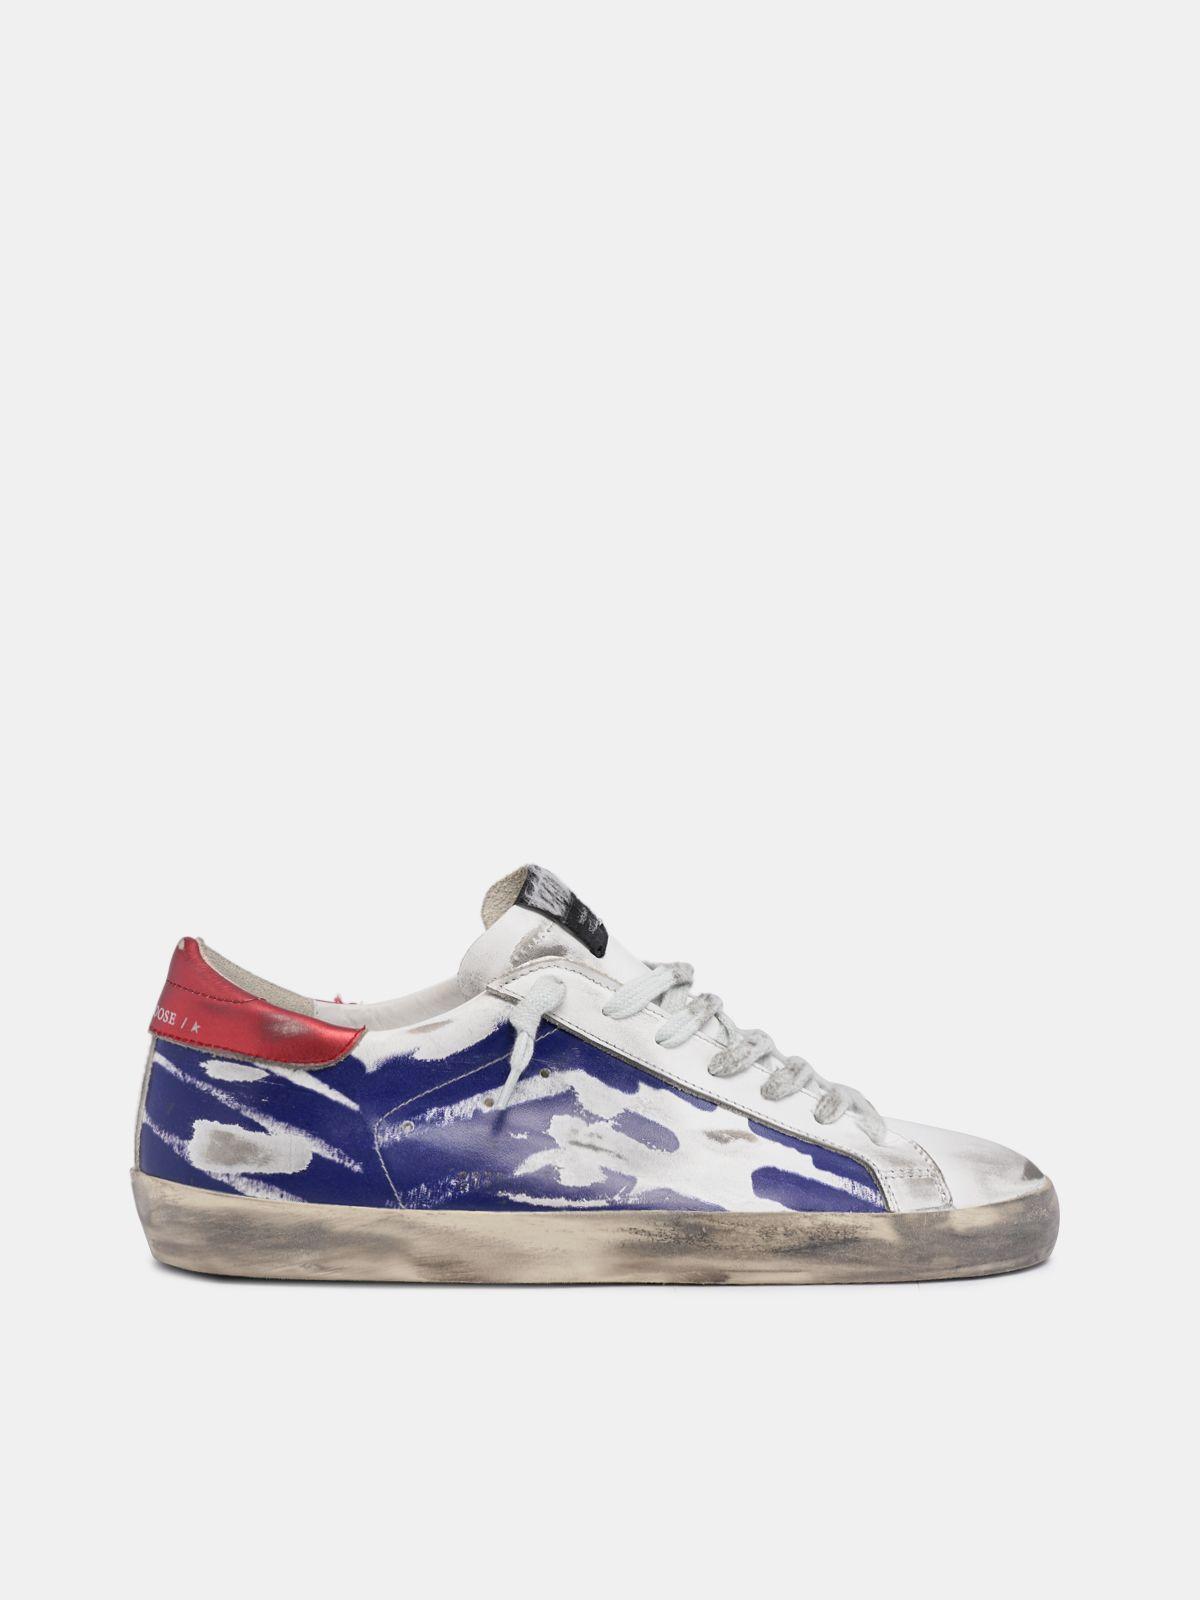 Zapatillas Super-Star rojas y azul metalizado